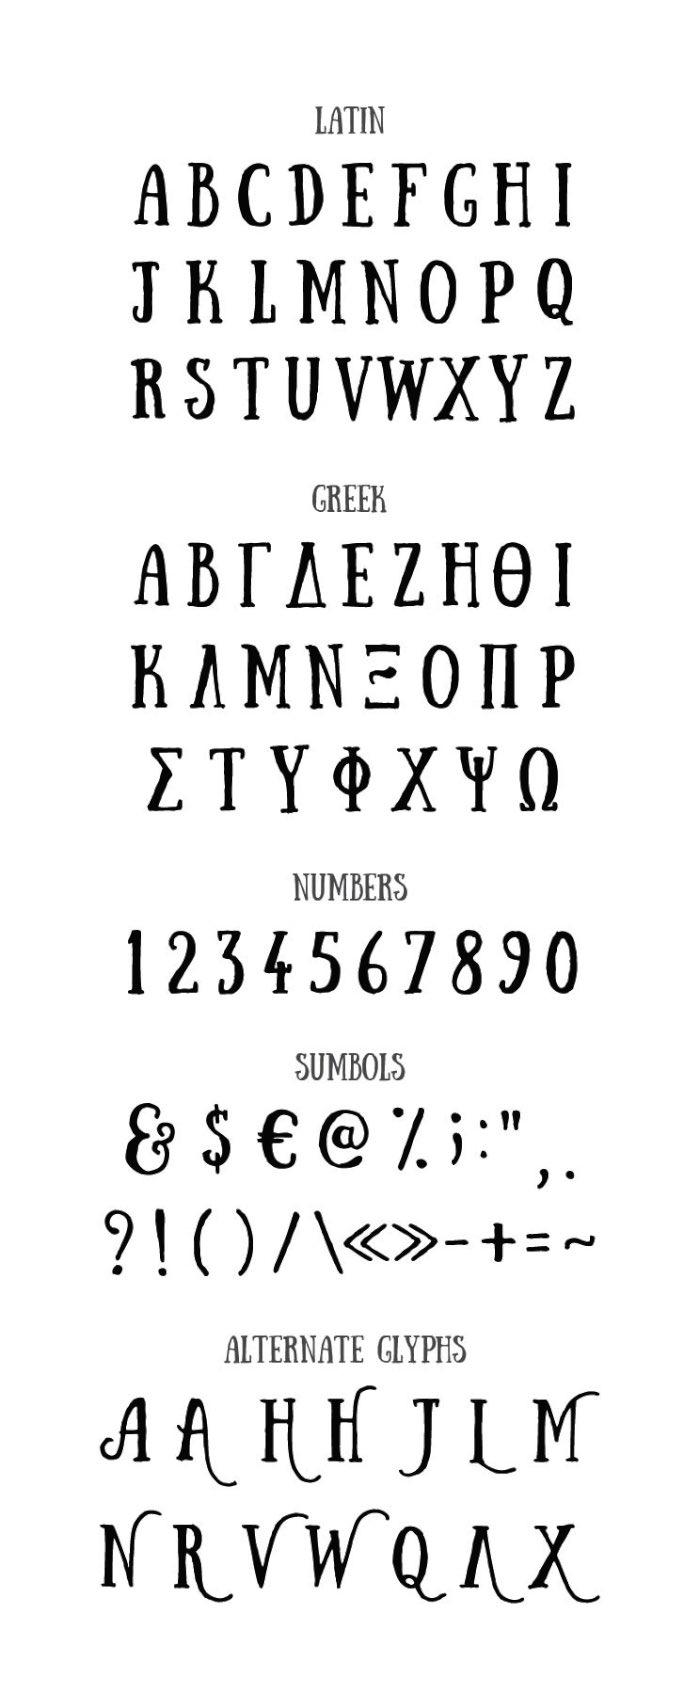 Anastasia Dimitriadi sempre gostou de ilustrações e de tipografia mas sempre considerou que nunca criaria algo usando essas duas técnicas. E a última coisa que ela pensaria em fazer era criar uma fonte mas foi isso que ela fez com Sunday font.